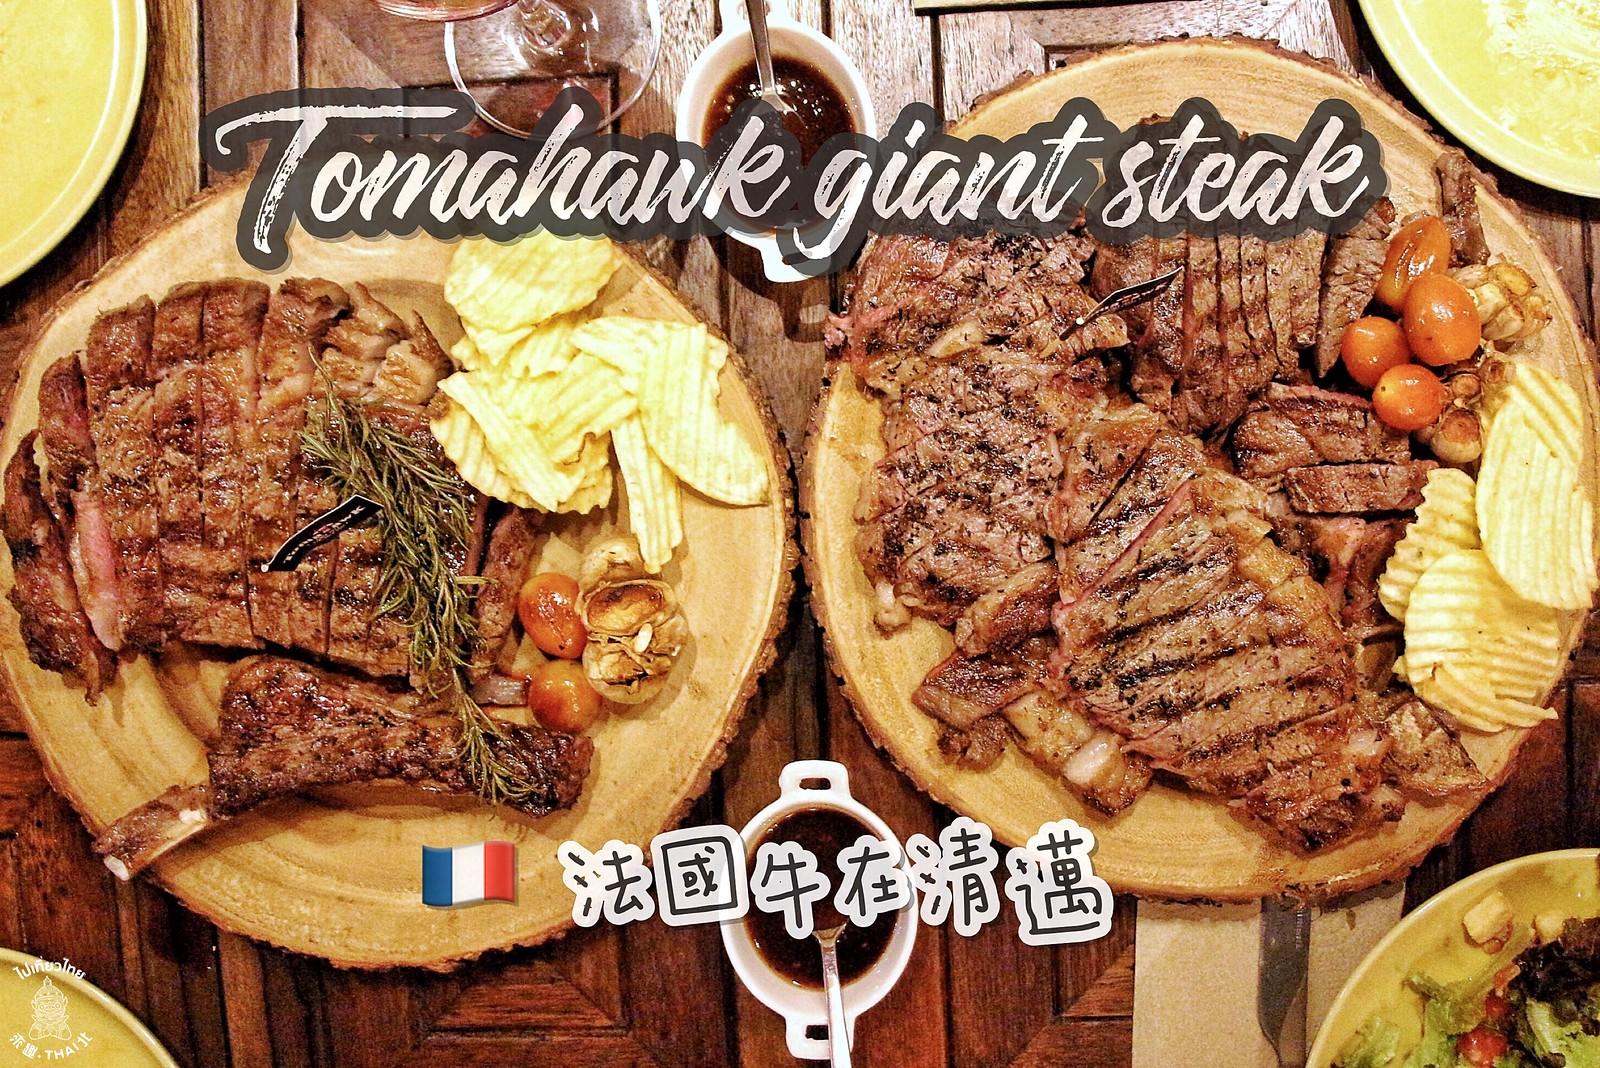 清邁「法國牛戰斧牛排」《Tomahawk Giant Steak House》